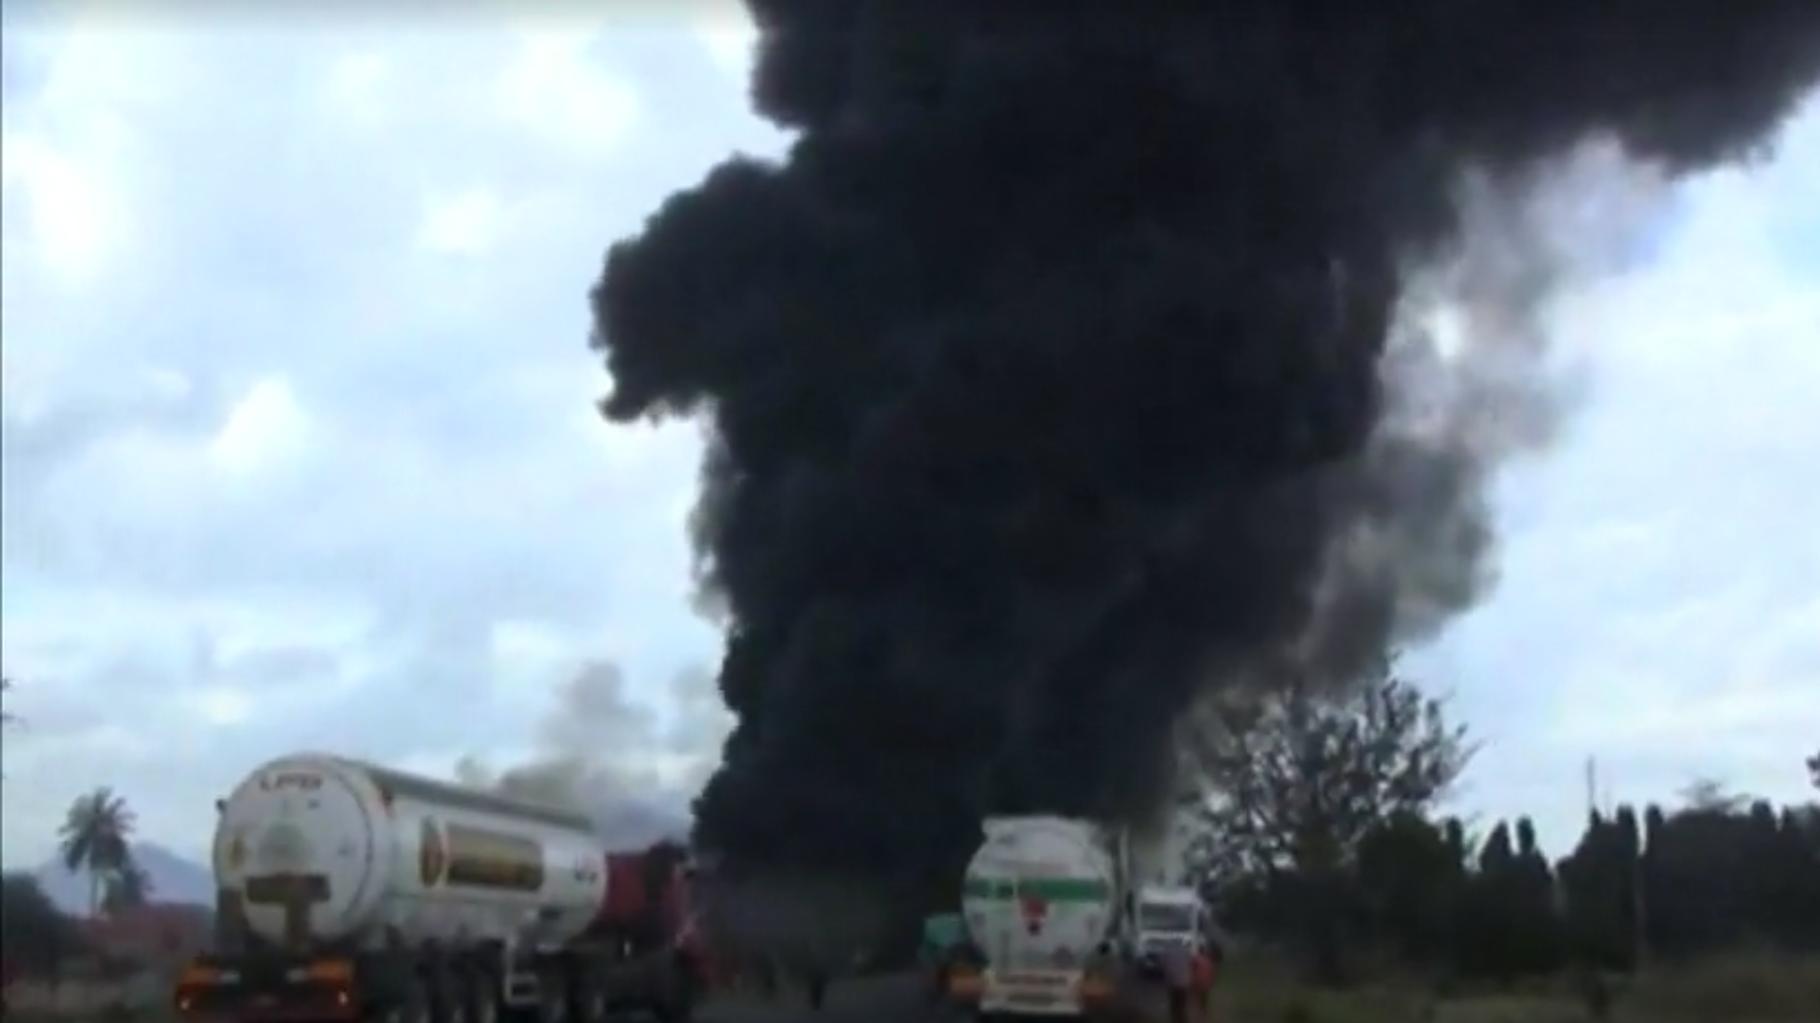 Los hechos ocurrieron en una autopista comúnmente concurrida por camiones cisterna que salen del puerto de Dar es Salam, la capital tanzana. 10 de agosto de 2019.